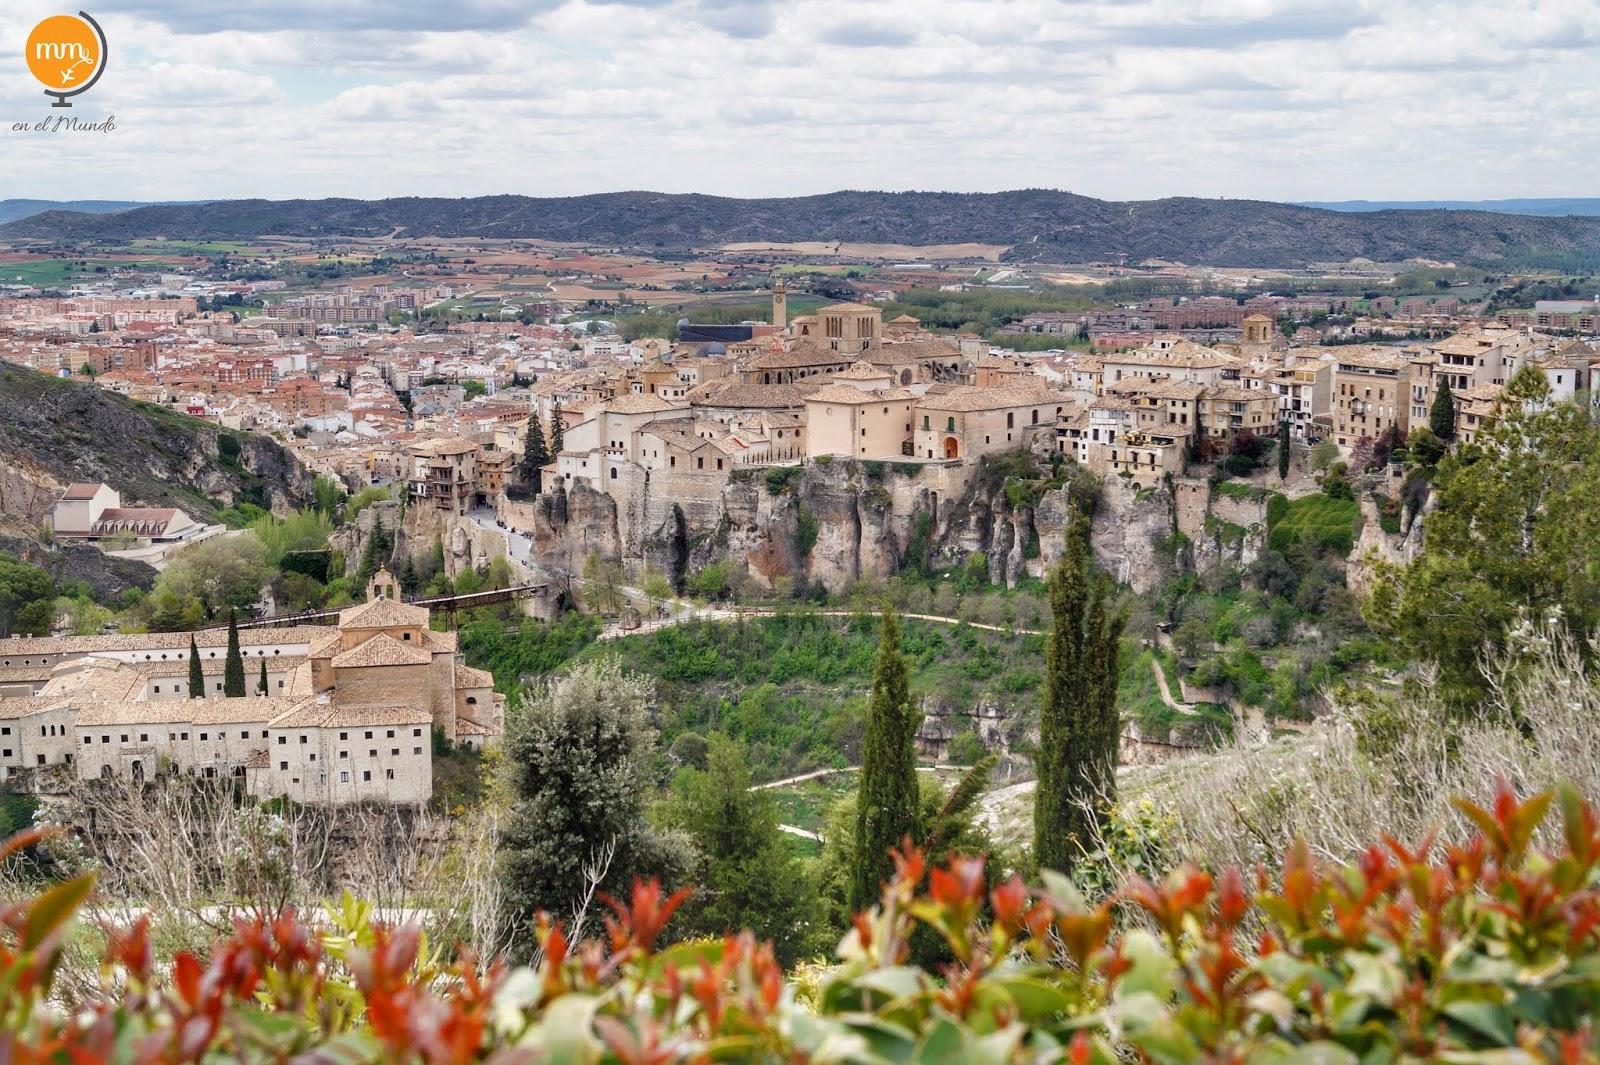 Niewiarygodne wiszące domy nad urwiskiem czekają na zwiedzanie w hiszpańskiej Cuenca!